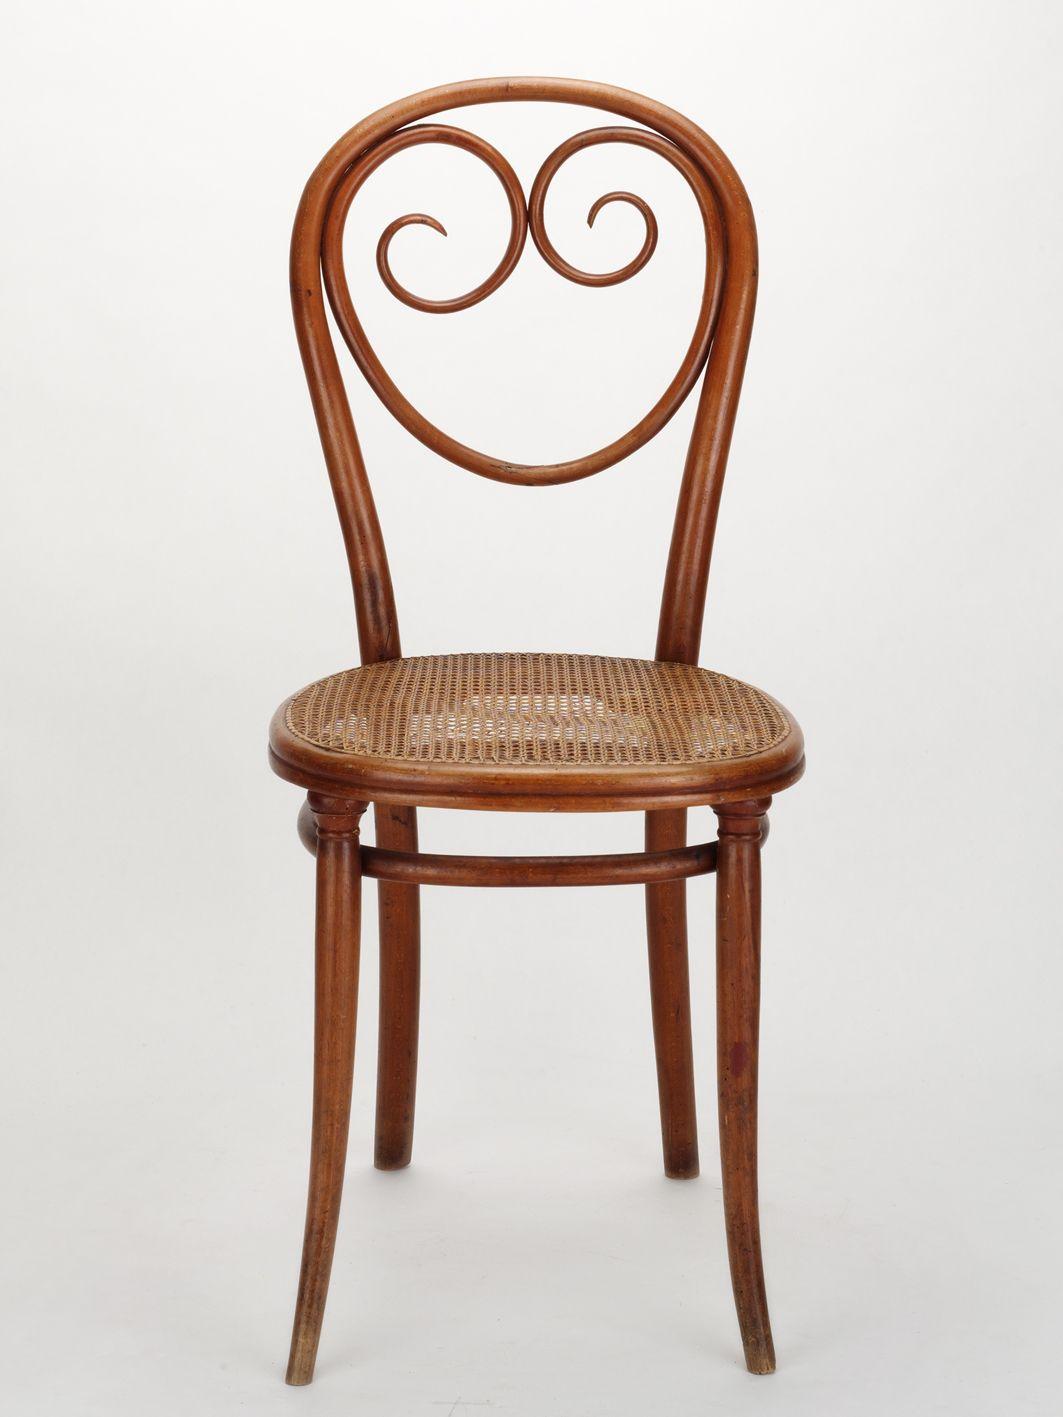 Gebr Der Thonet Thonet Nr 2 1865 Thonet Style Pinterest  # Muebles Fischel